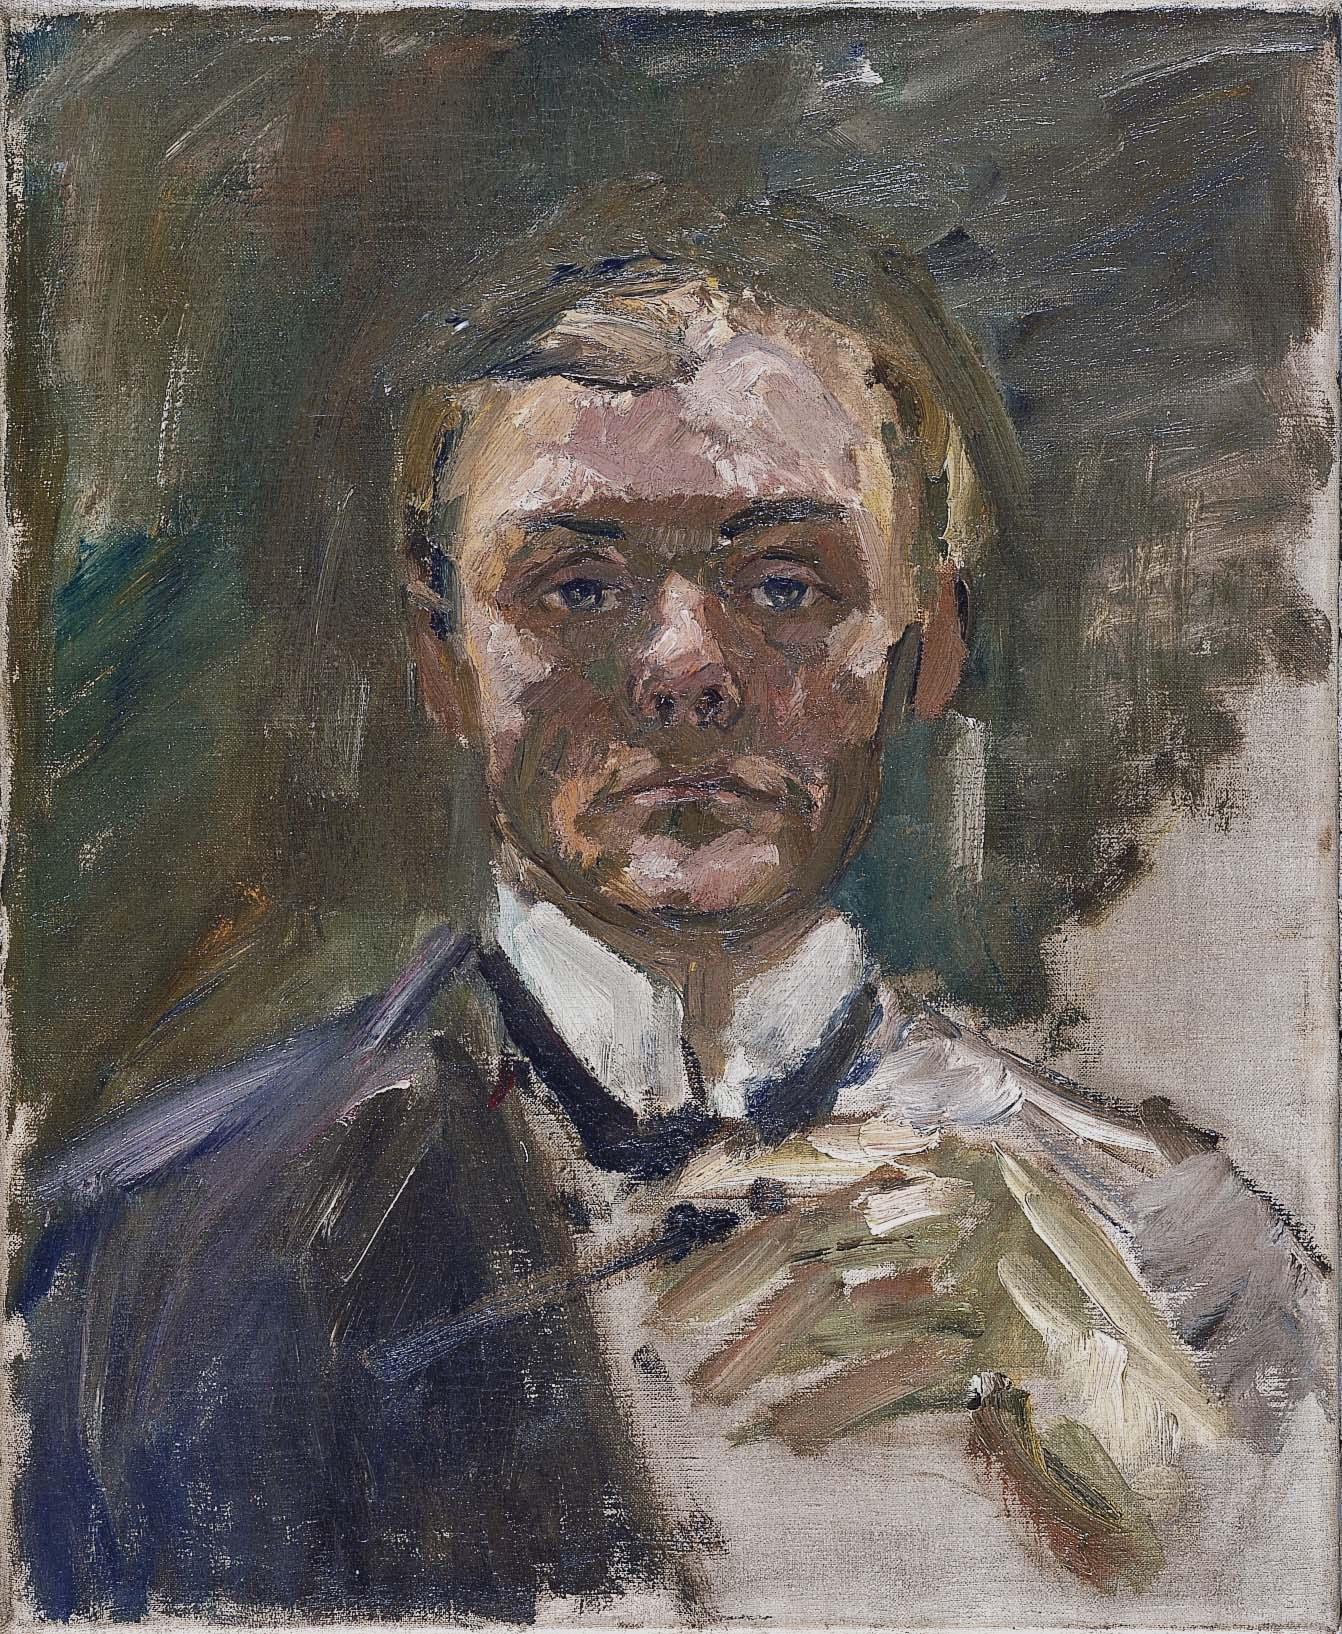 Autorretrato con la mano levantada, Max Beckman, 1908, óleo sobre lienzo, 55 x 45 cm.